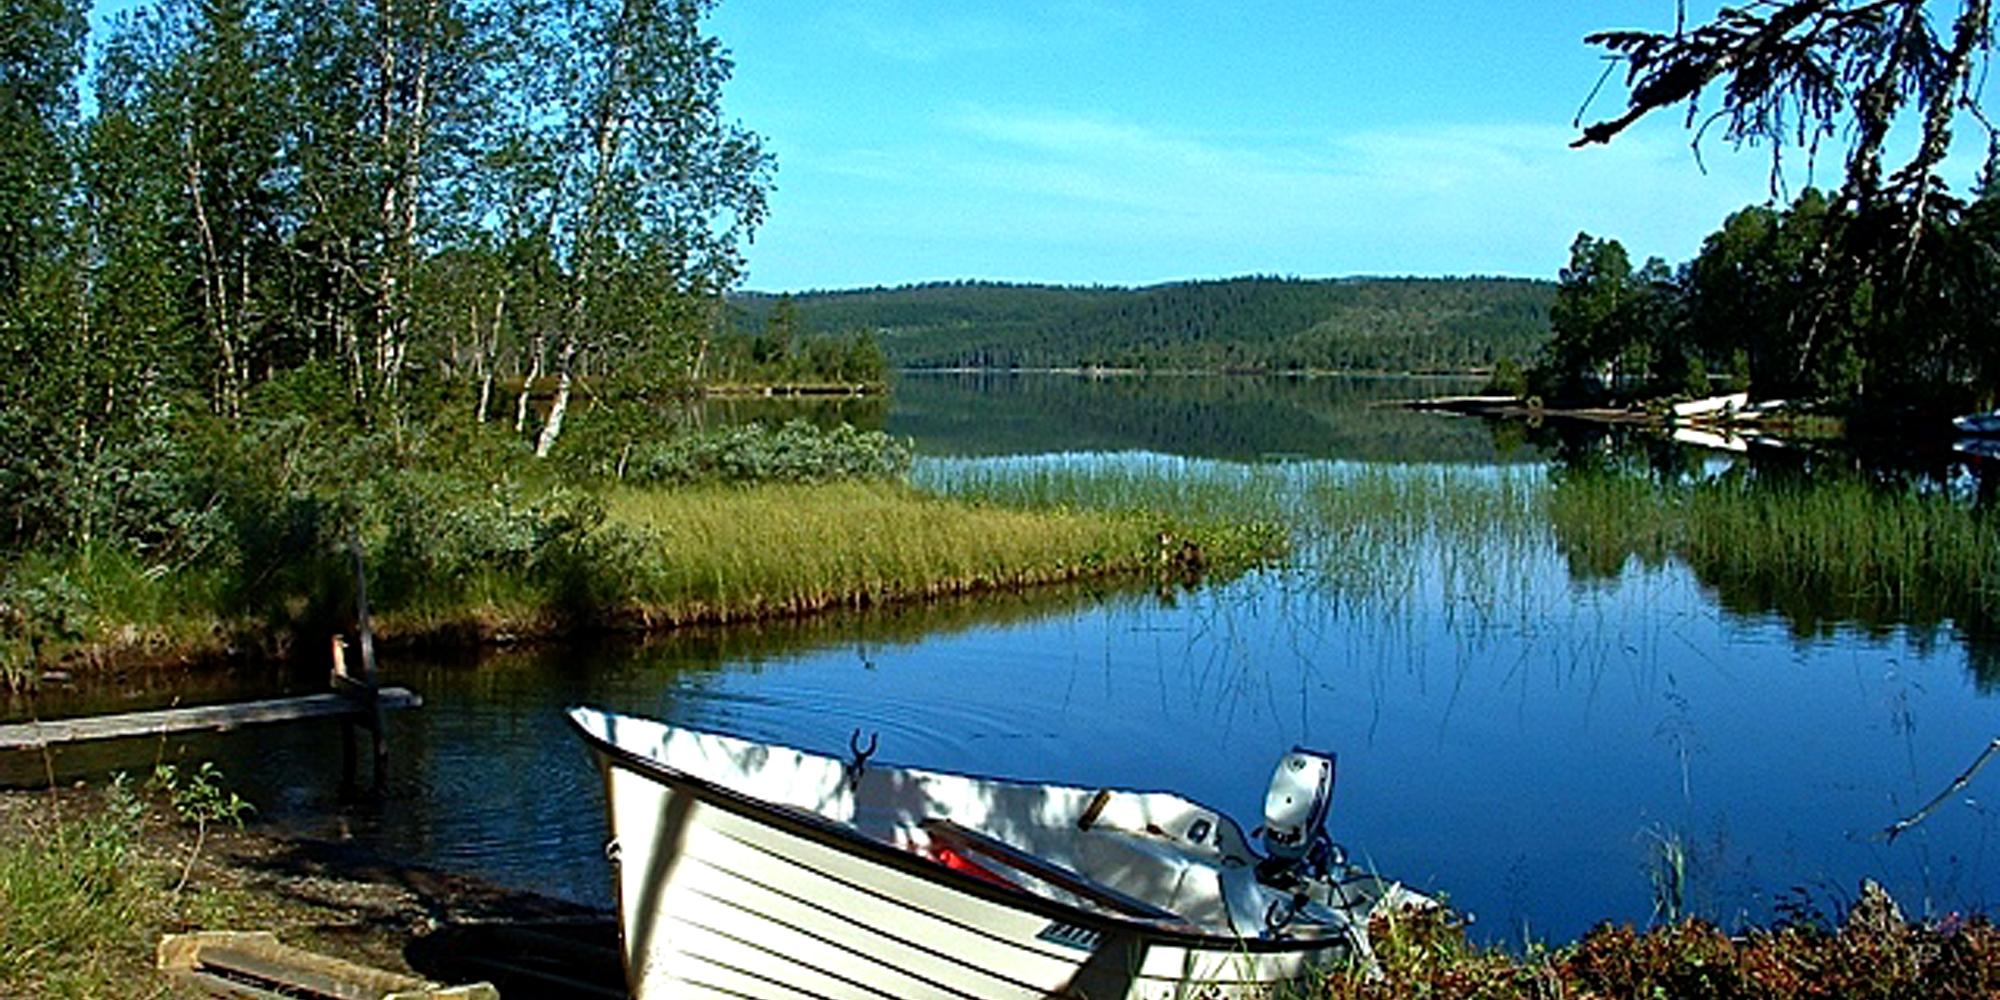 Steinkjer Kommuneskoger - a row boat docked at the border of a lake. Copyright: Steinkjer Kommuneskoger - Ogndalsbruket KF